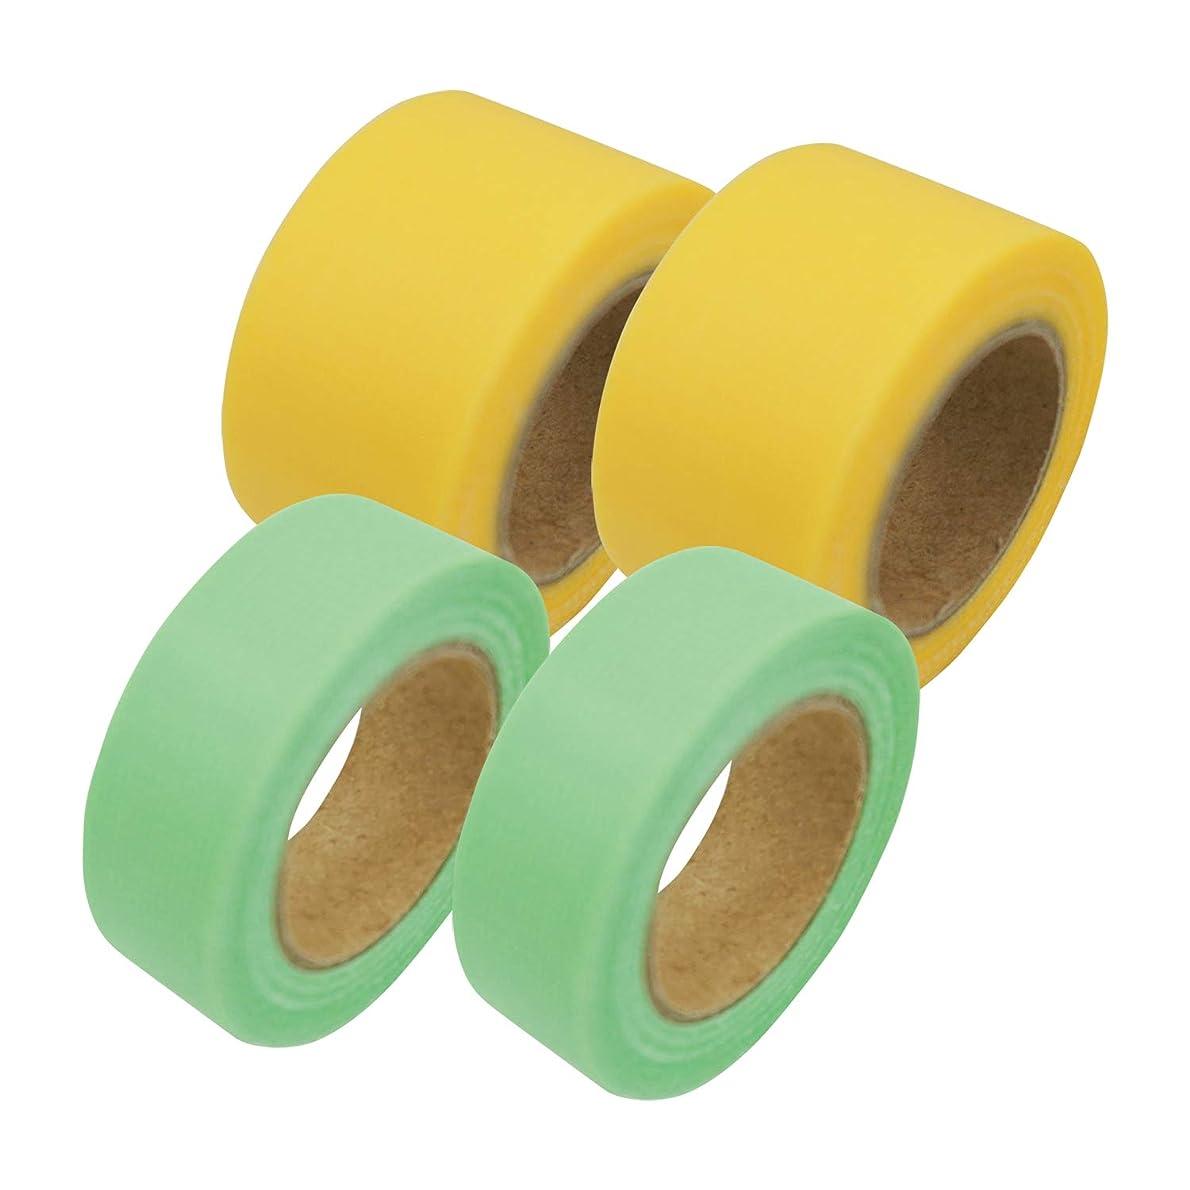 練習チラチラする差し引くコモライフ 便利なテープナイスカット 幅広 無地 ラベル グリーン?イエロー 太:約幅2.5cm×6.3m(1個)、細:約幅1.5cm×6.3m(1個)